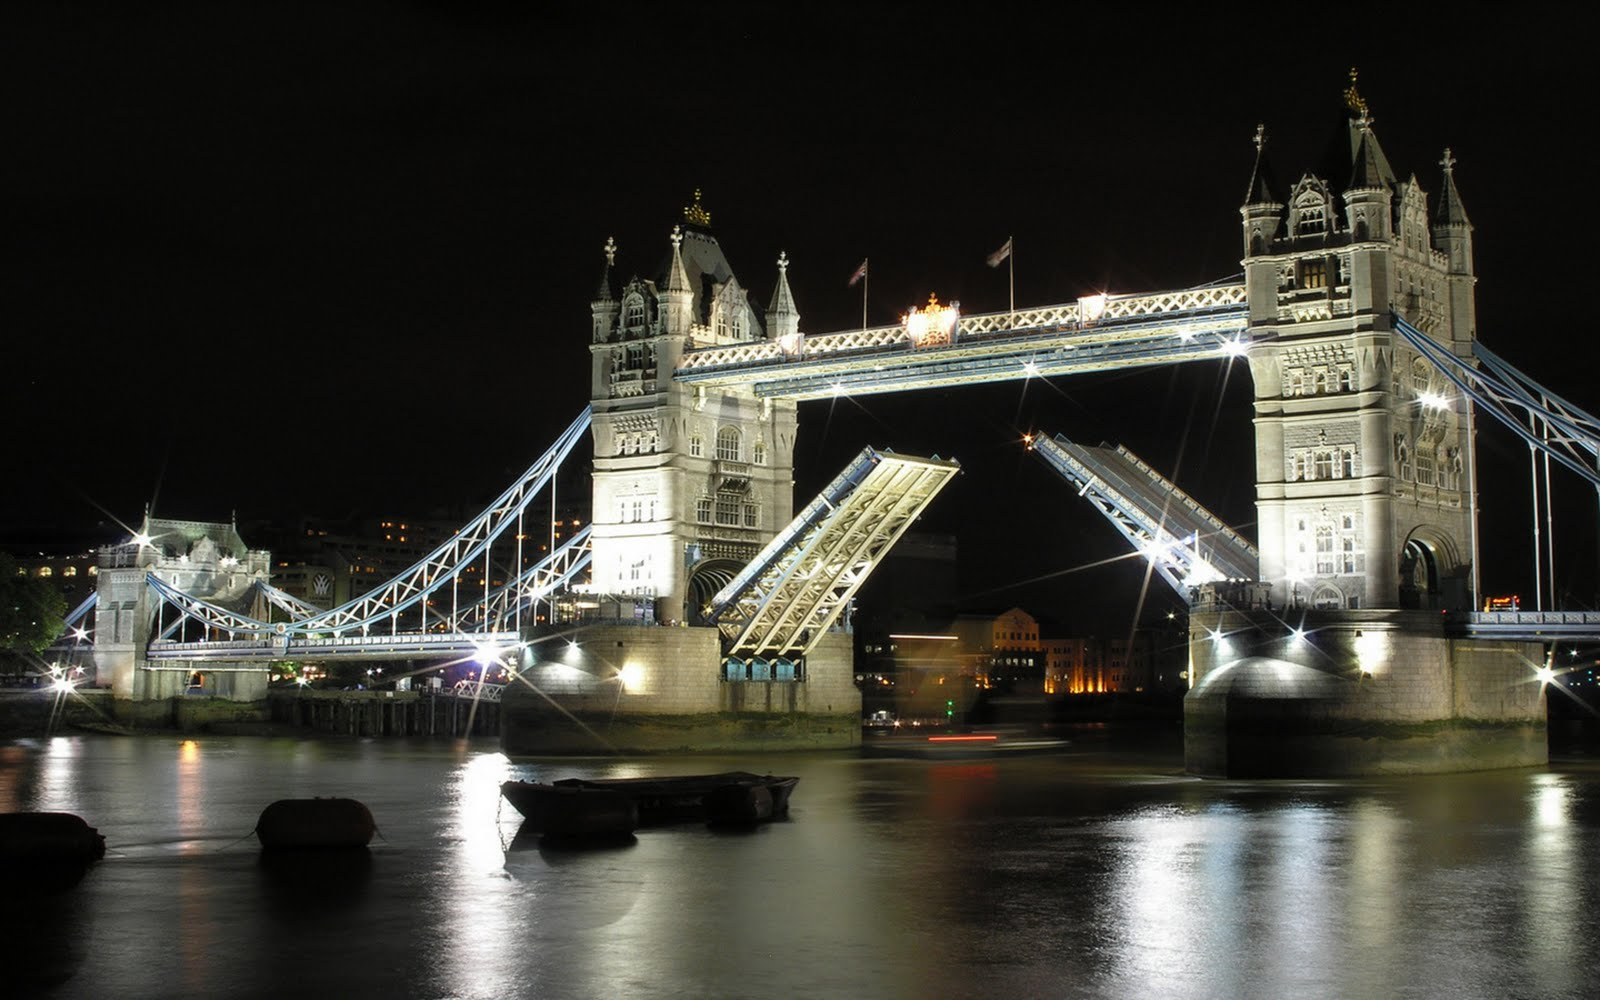 http://3.bp.blogspot.com/_Vg6Mcy8UZxo/TLiu9vfyudI/AAAAAAAAAC0/Vq9X3OETM0A/s1600/Bridge_04.jpg